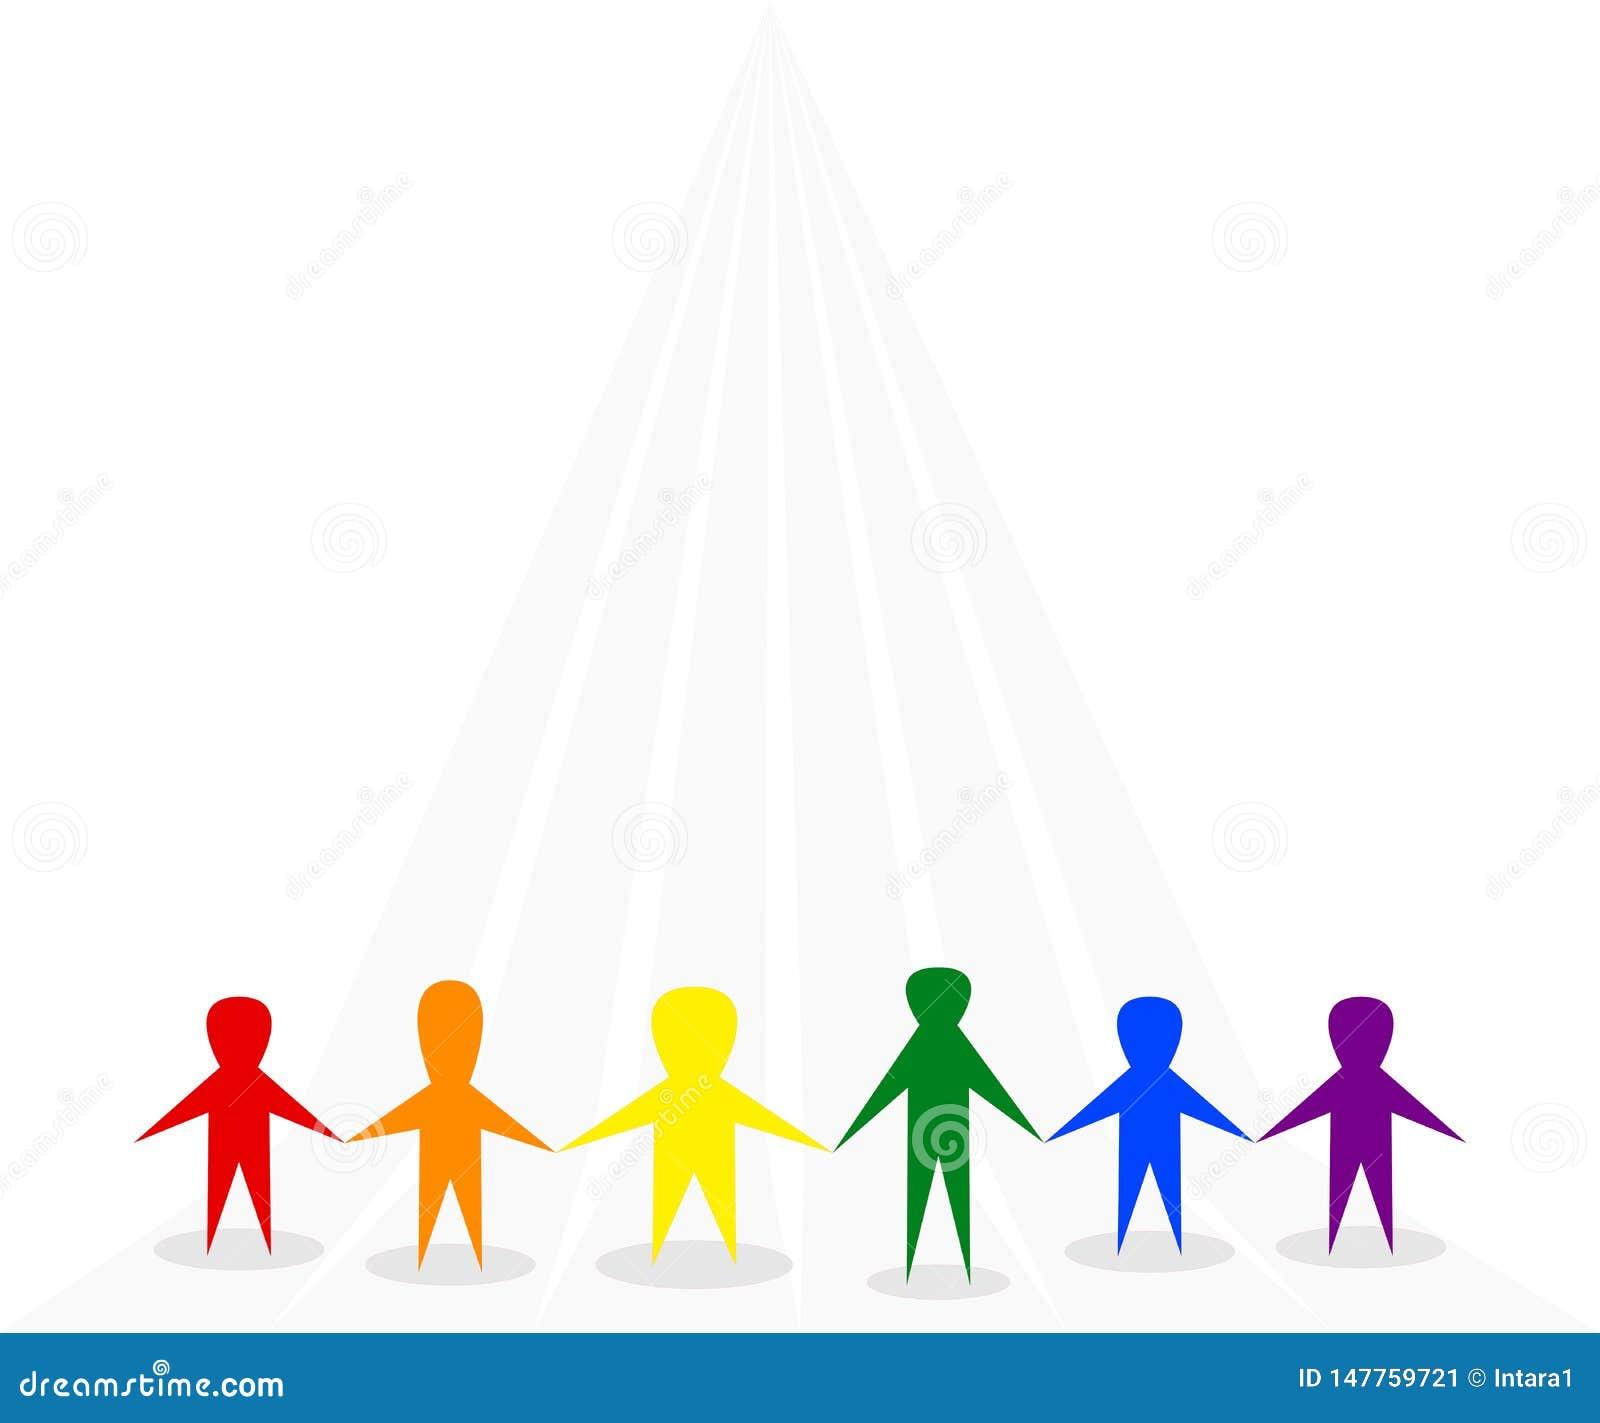 Symbolet av folk som tillsammans står på grå bakgrund, symbolisk regnbåge för bruk LGBTQ, färgar rött, orange, gult, grönt, blått